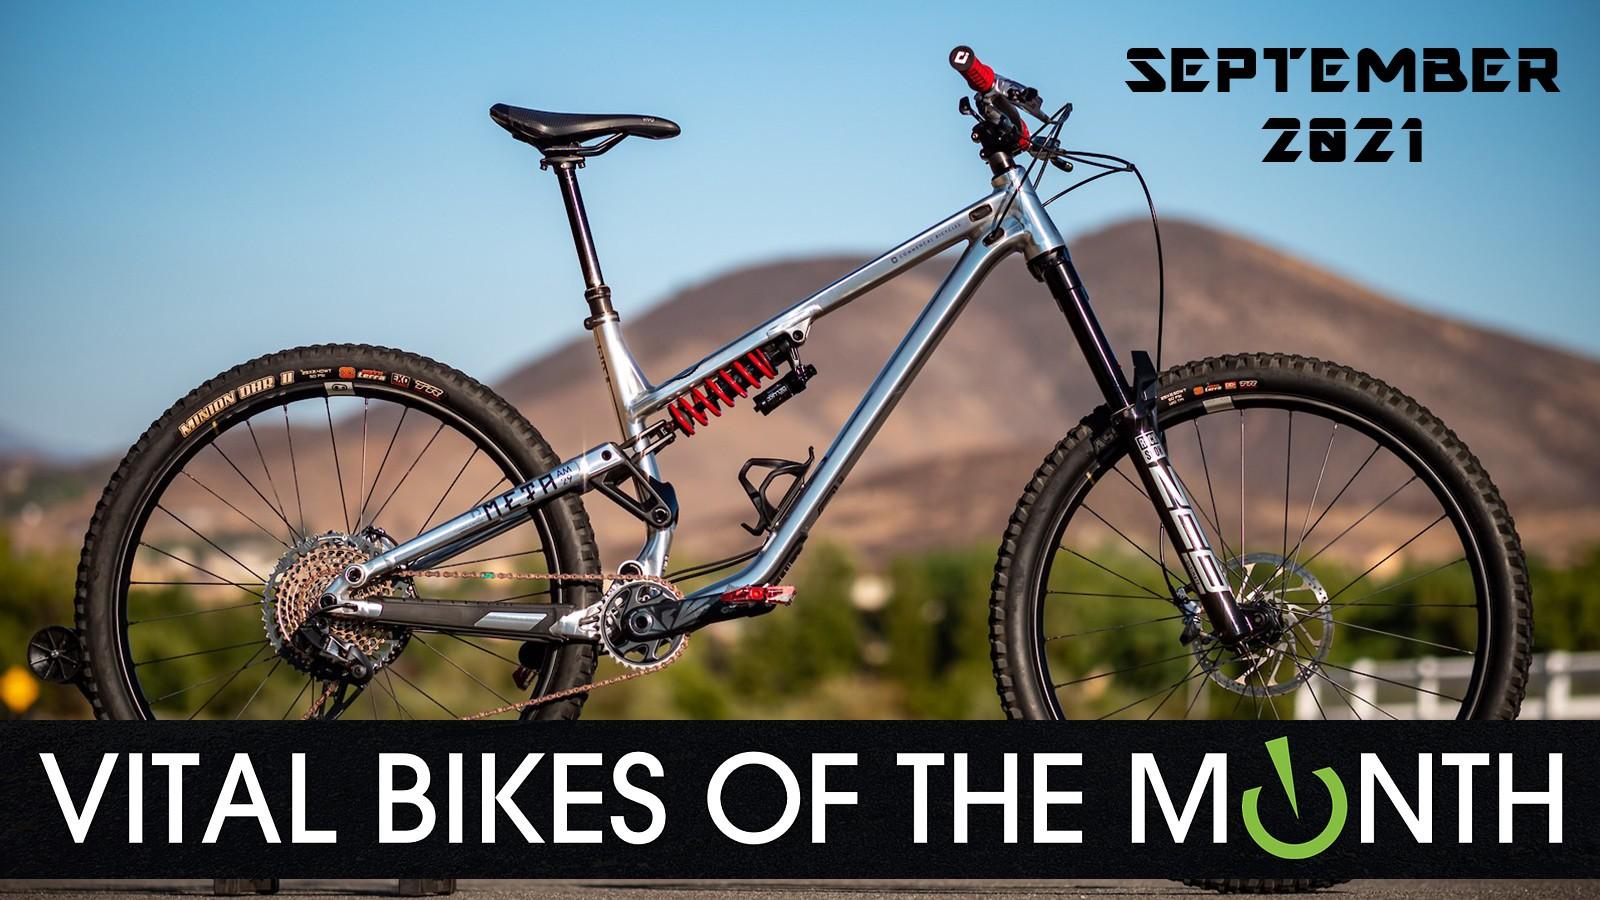 Vital Bikes of the Month, September 2021 - Vital Bike of the Day September 2021 - Mountain Biking Pictures - Vital MTB